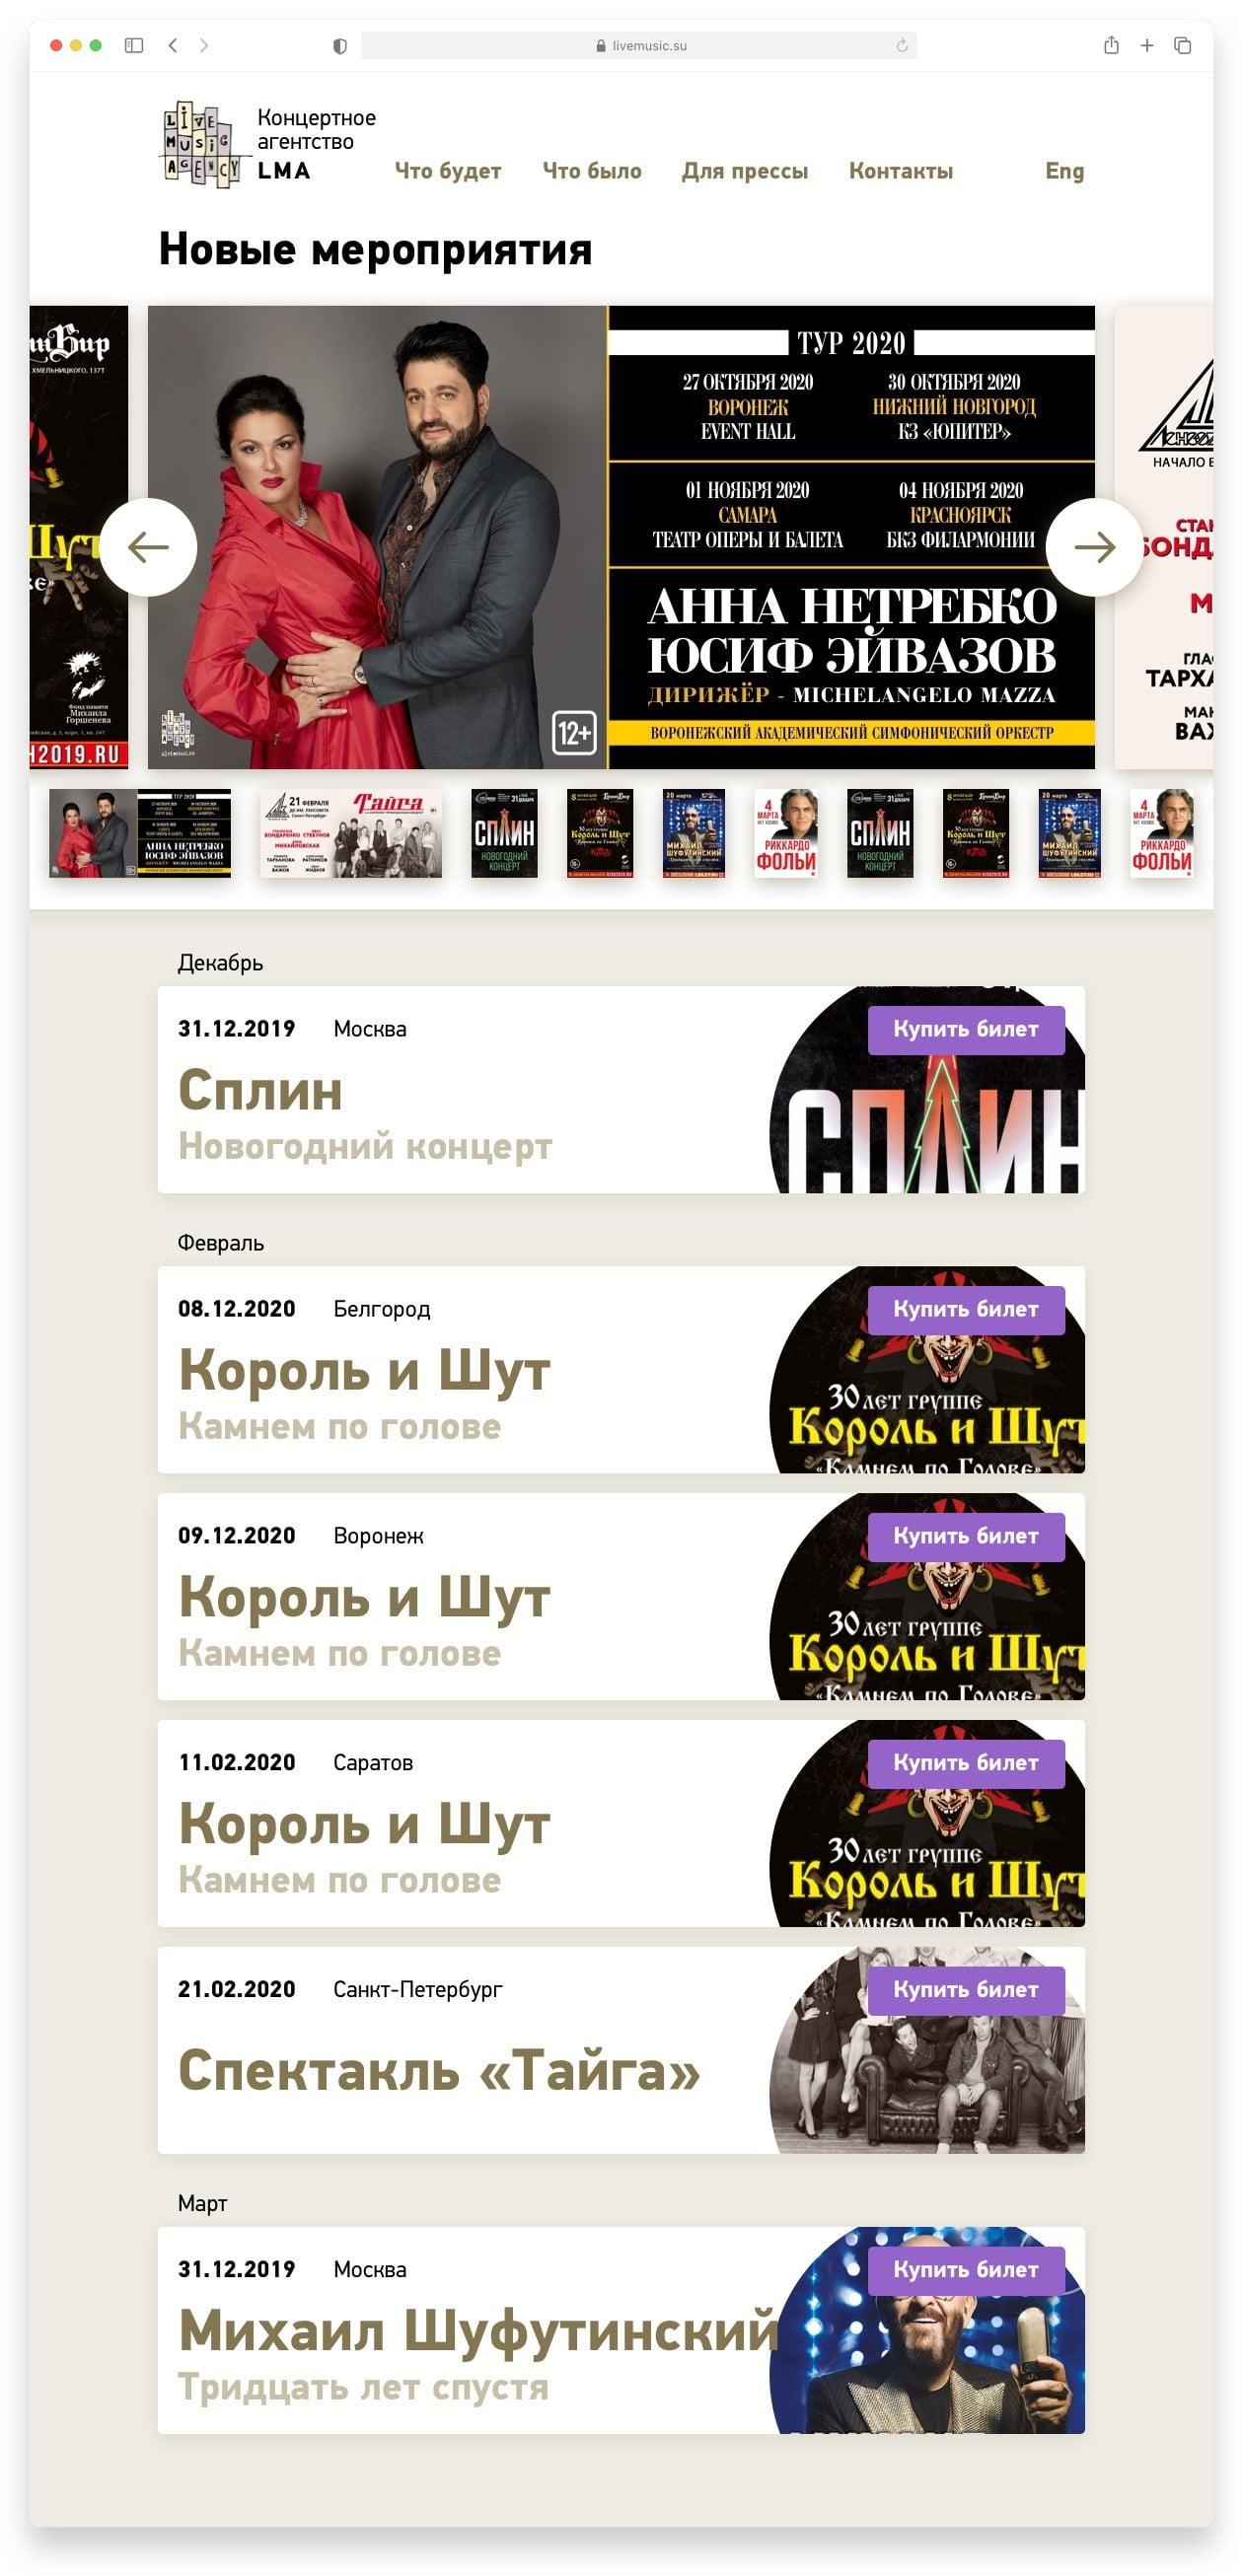 Сайт Live Music Agency Сайт Артура Нецветаева — сайты, приложения, прототипы и оформление интерфейсов live music landing desktop 1 artur netsvetaev design